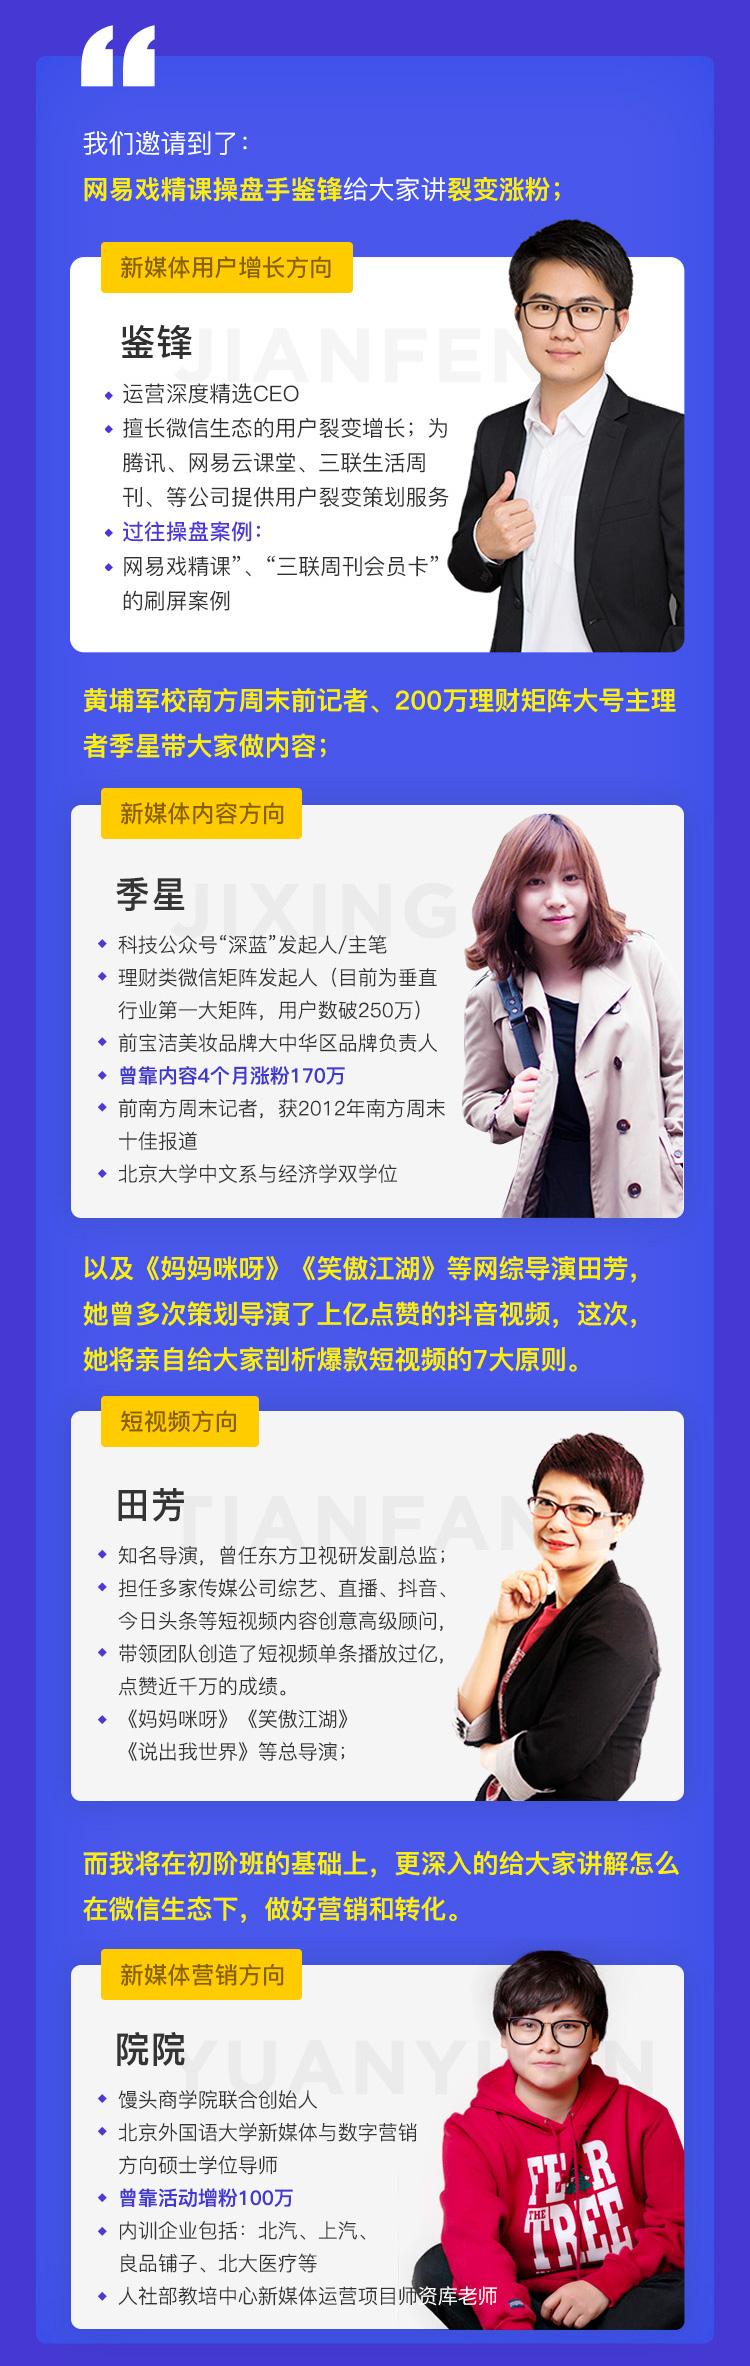 http://mtedu-img.oss-cn-beijing-internal.aliyuncs.com/ueditor/20210427185210_359976.jpg